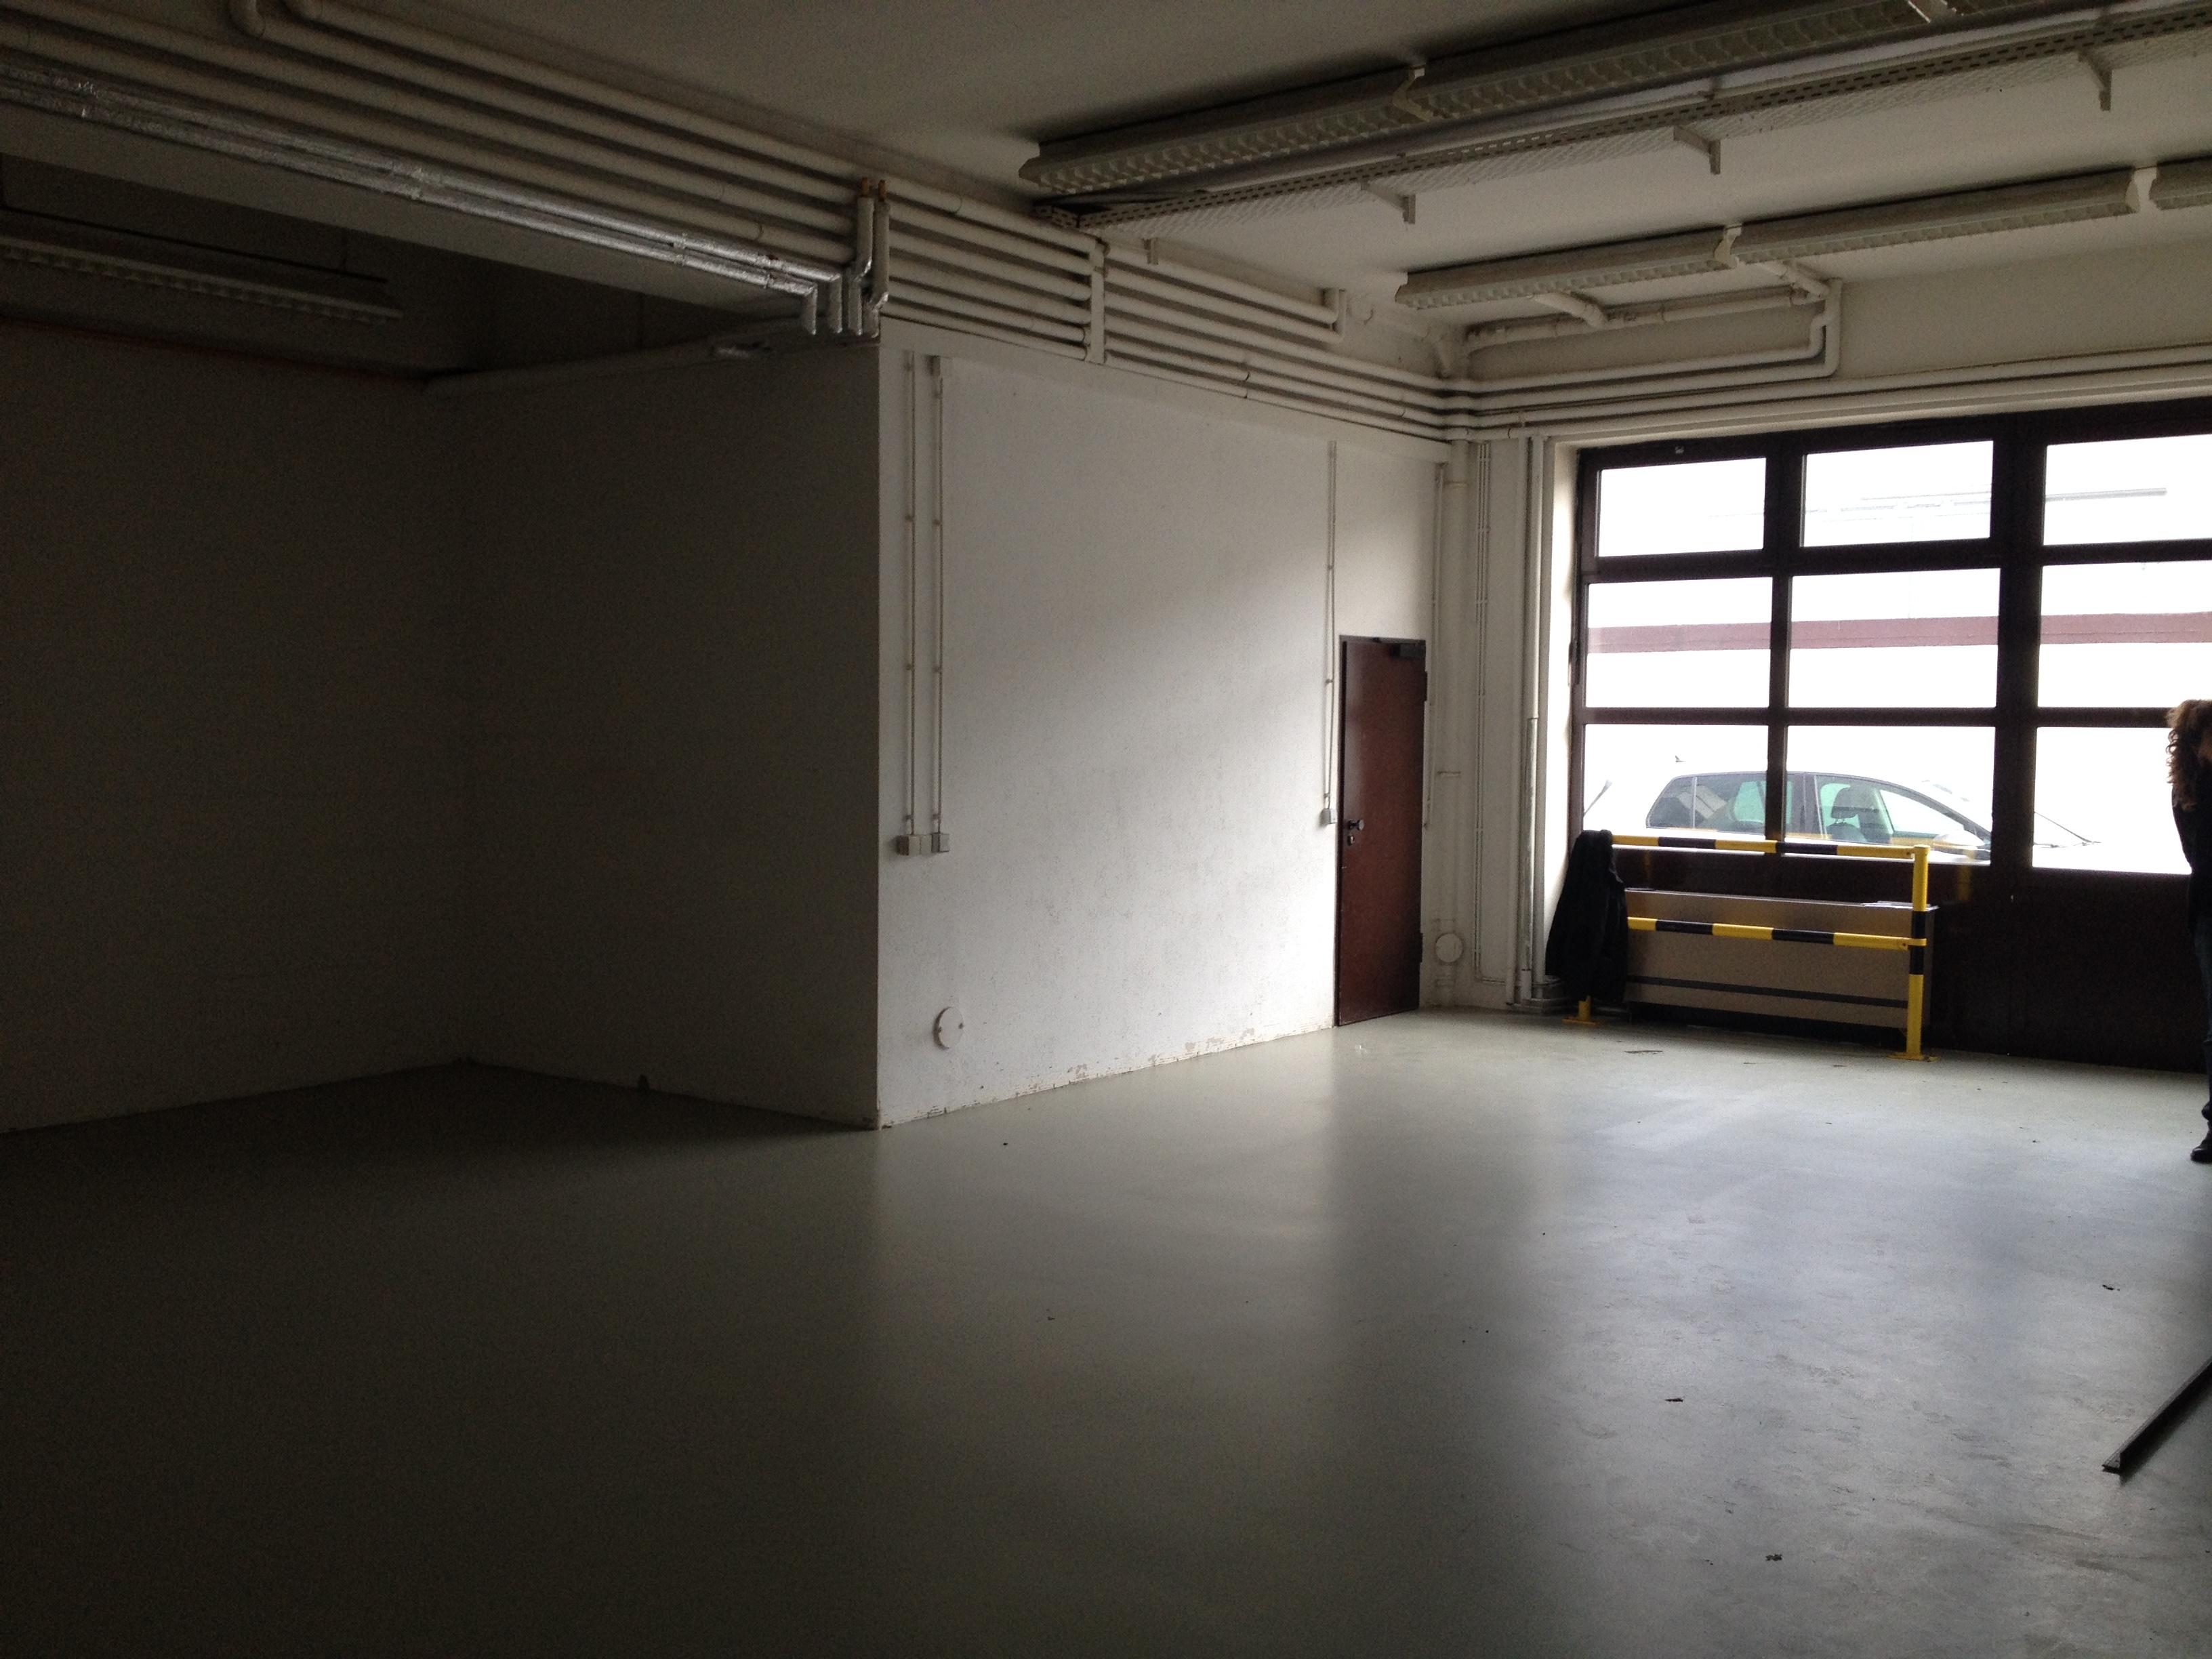 Im Eingangsbereich haben wie viel Tageslicht. Hier können künftig auch Workshops stattfinden.